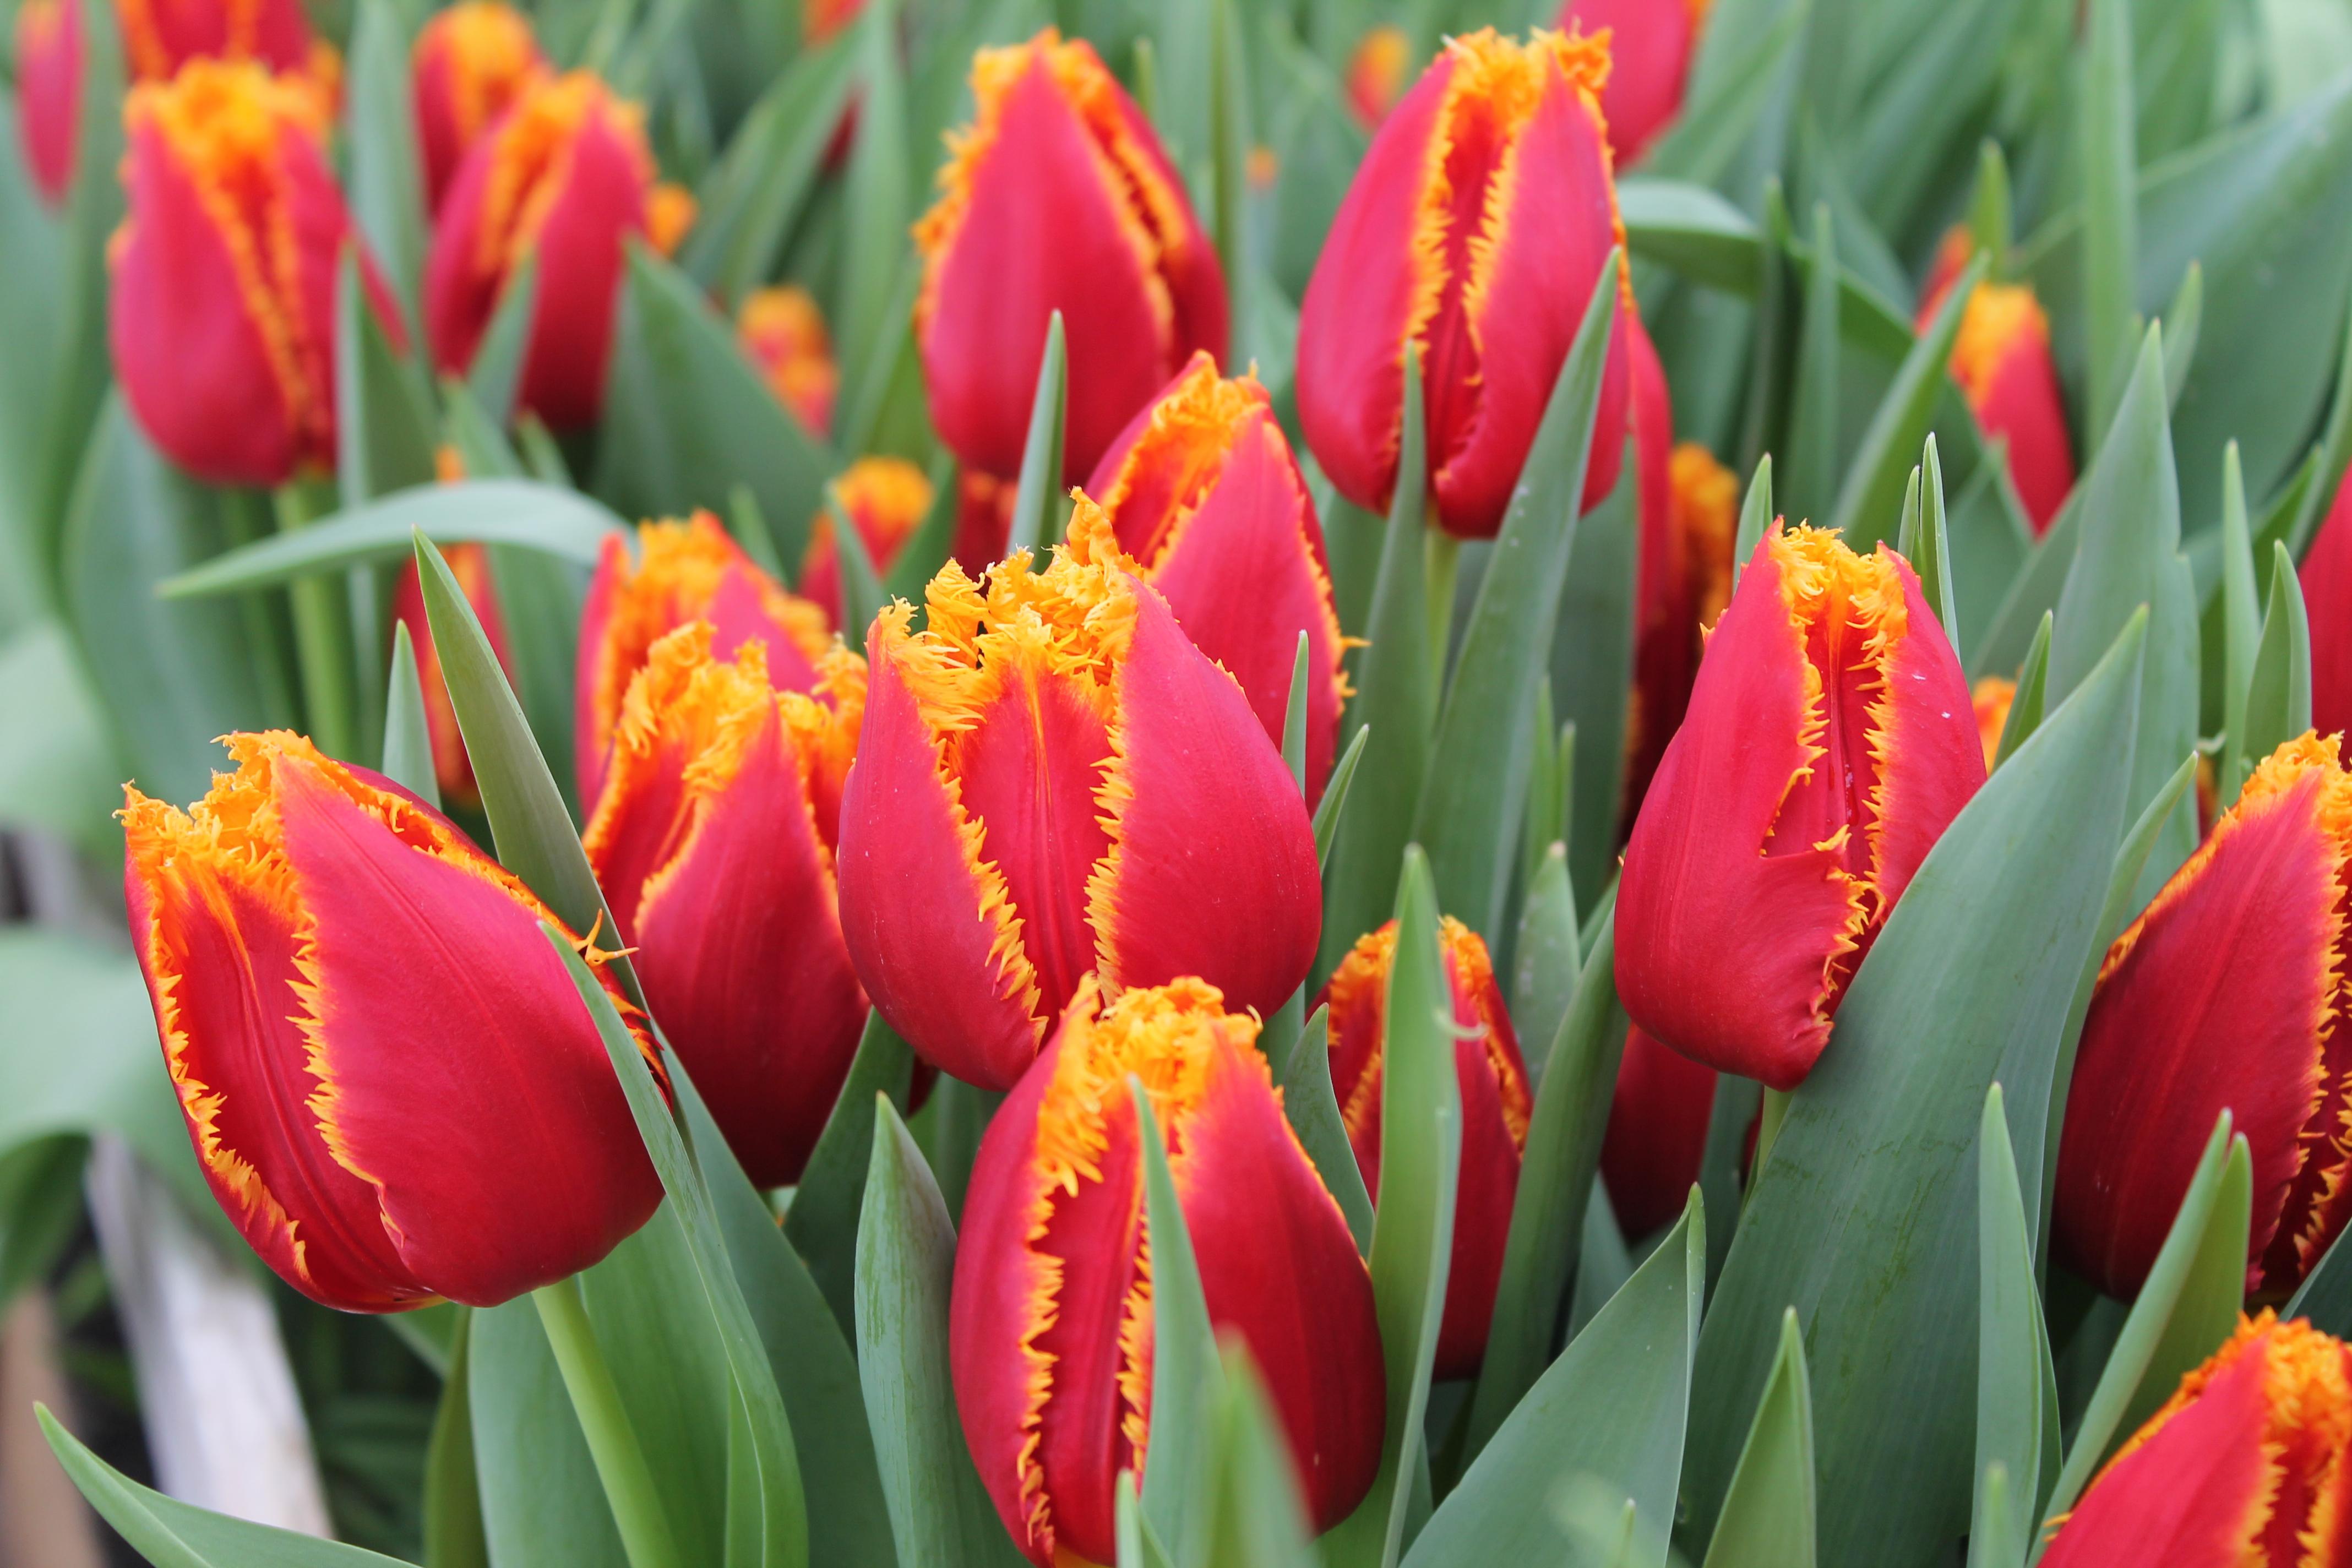 Лилии фото - Красивые фотографии